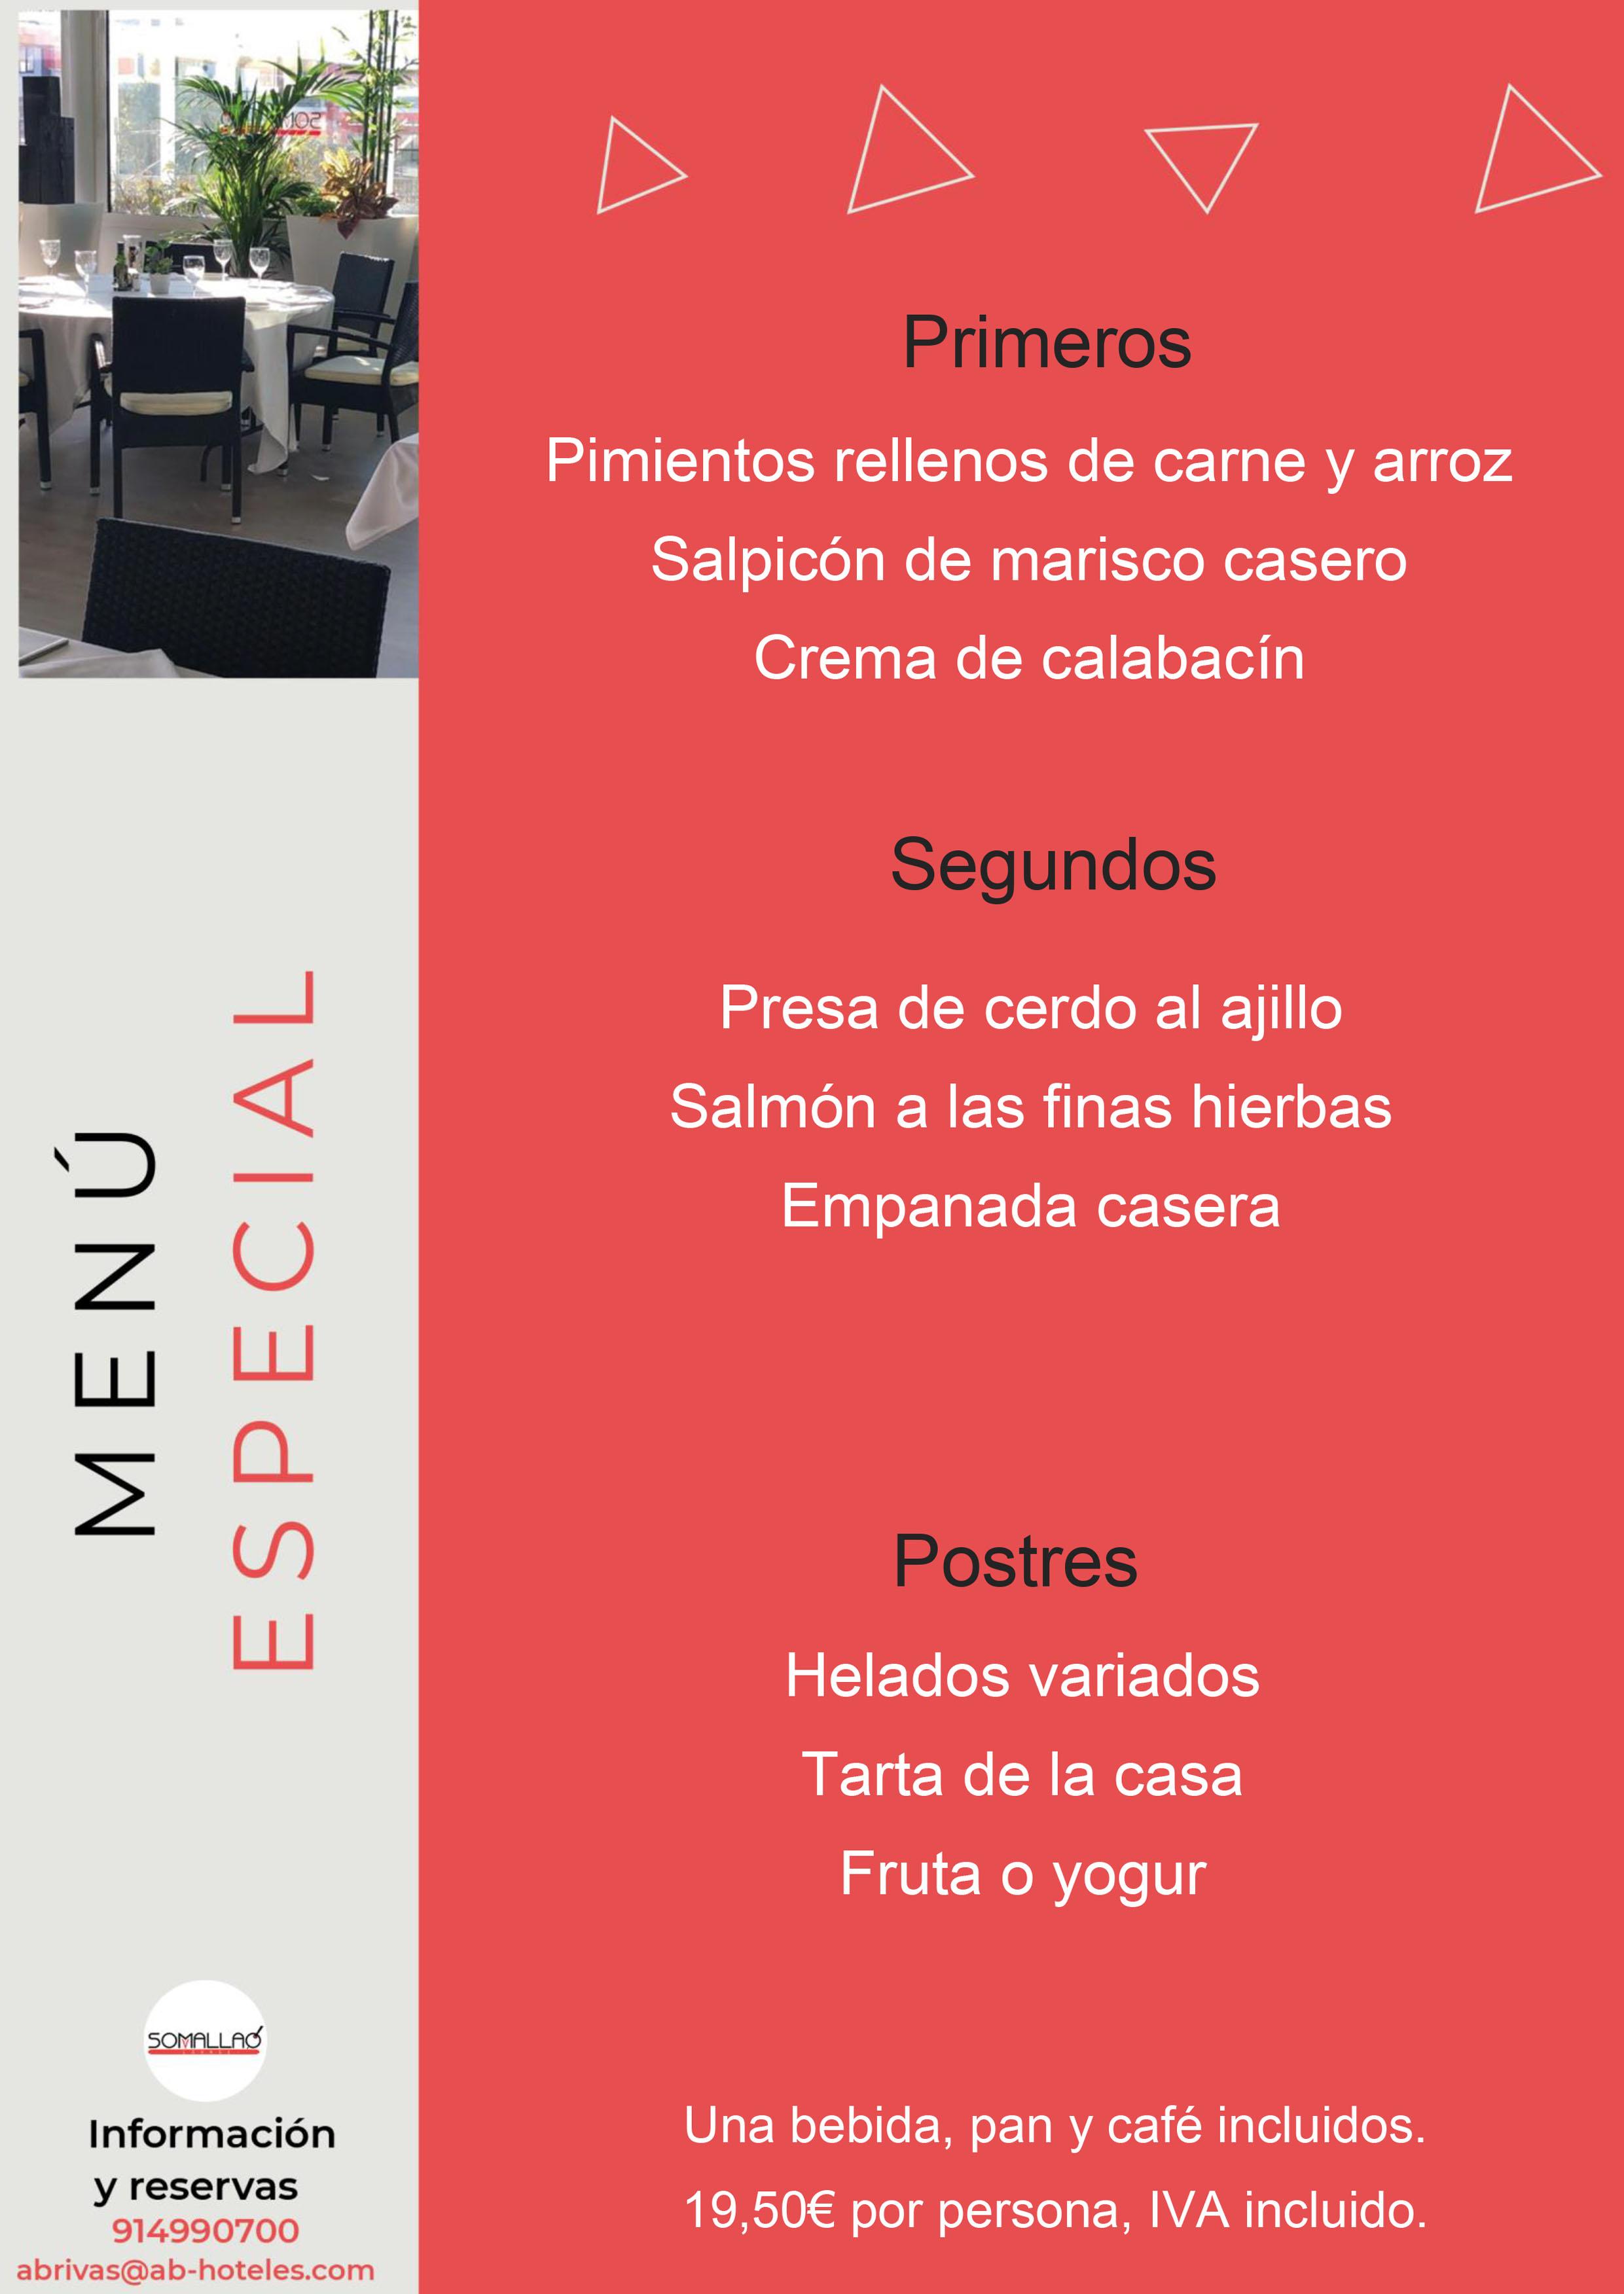 Restaurante Somallao Rivas Menú Especial 1 al 7 de Septiembre de 2021